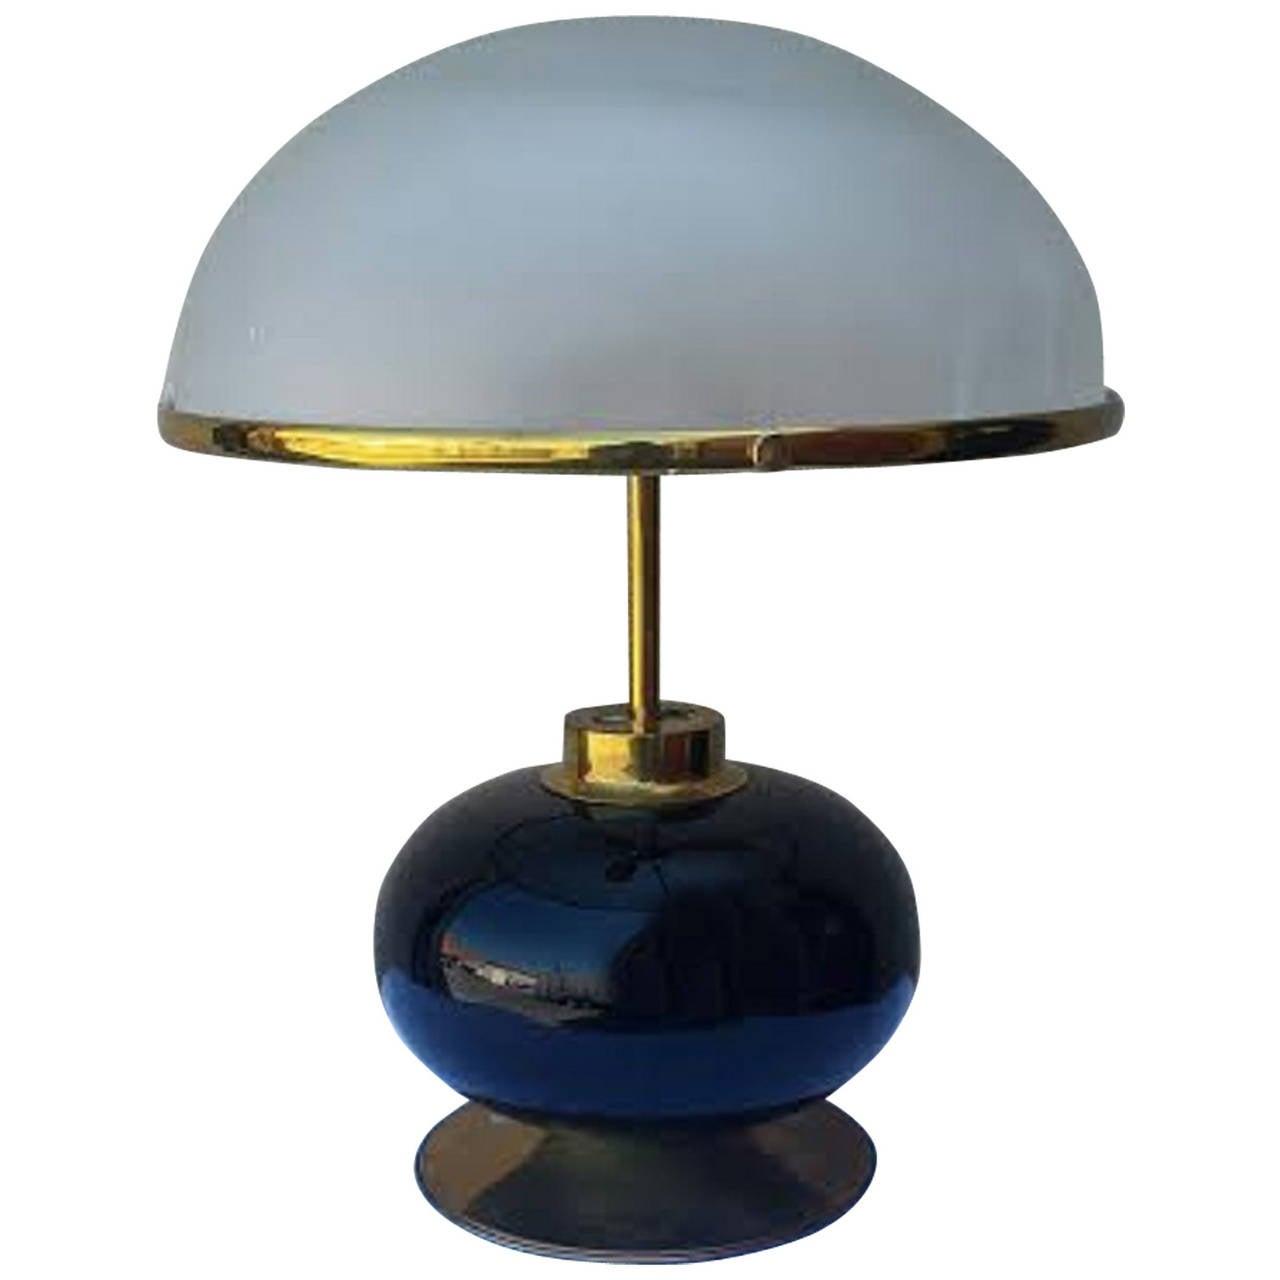 lamp large mid century desk lamp mushroom shade at 1stdibs. Black Bedroom Furniture Sets. Home Design Ideas